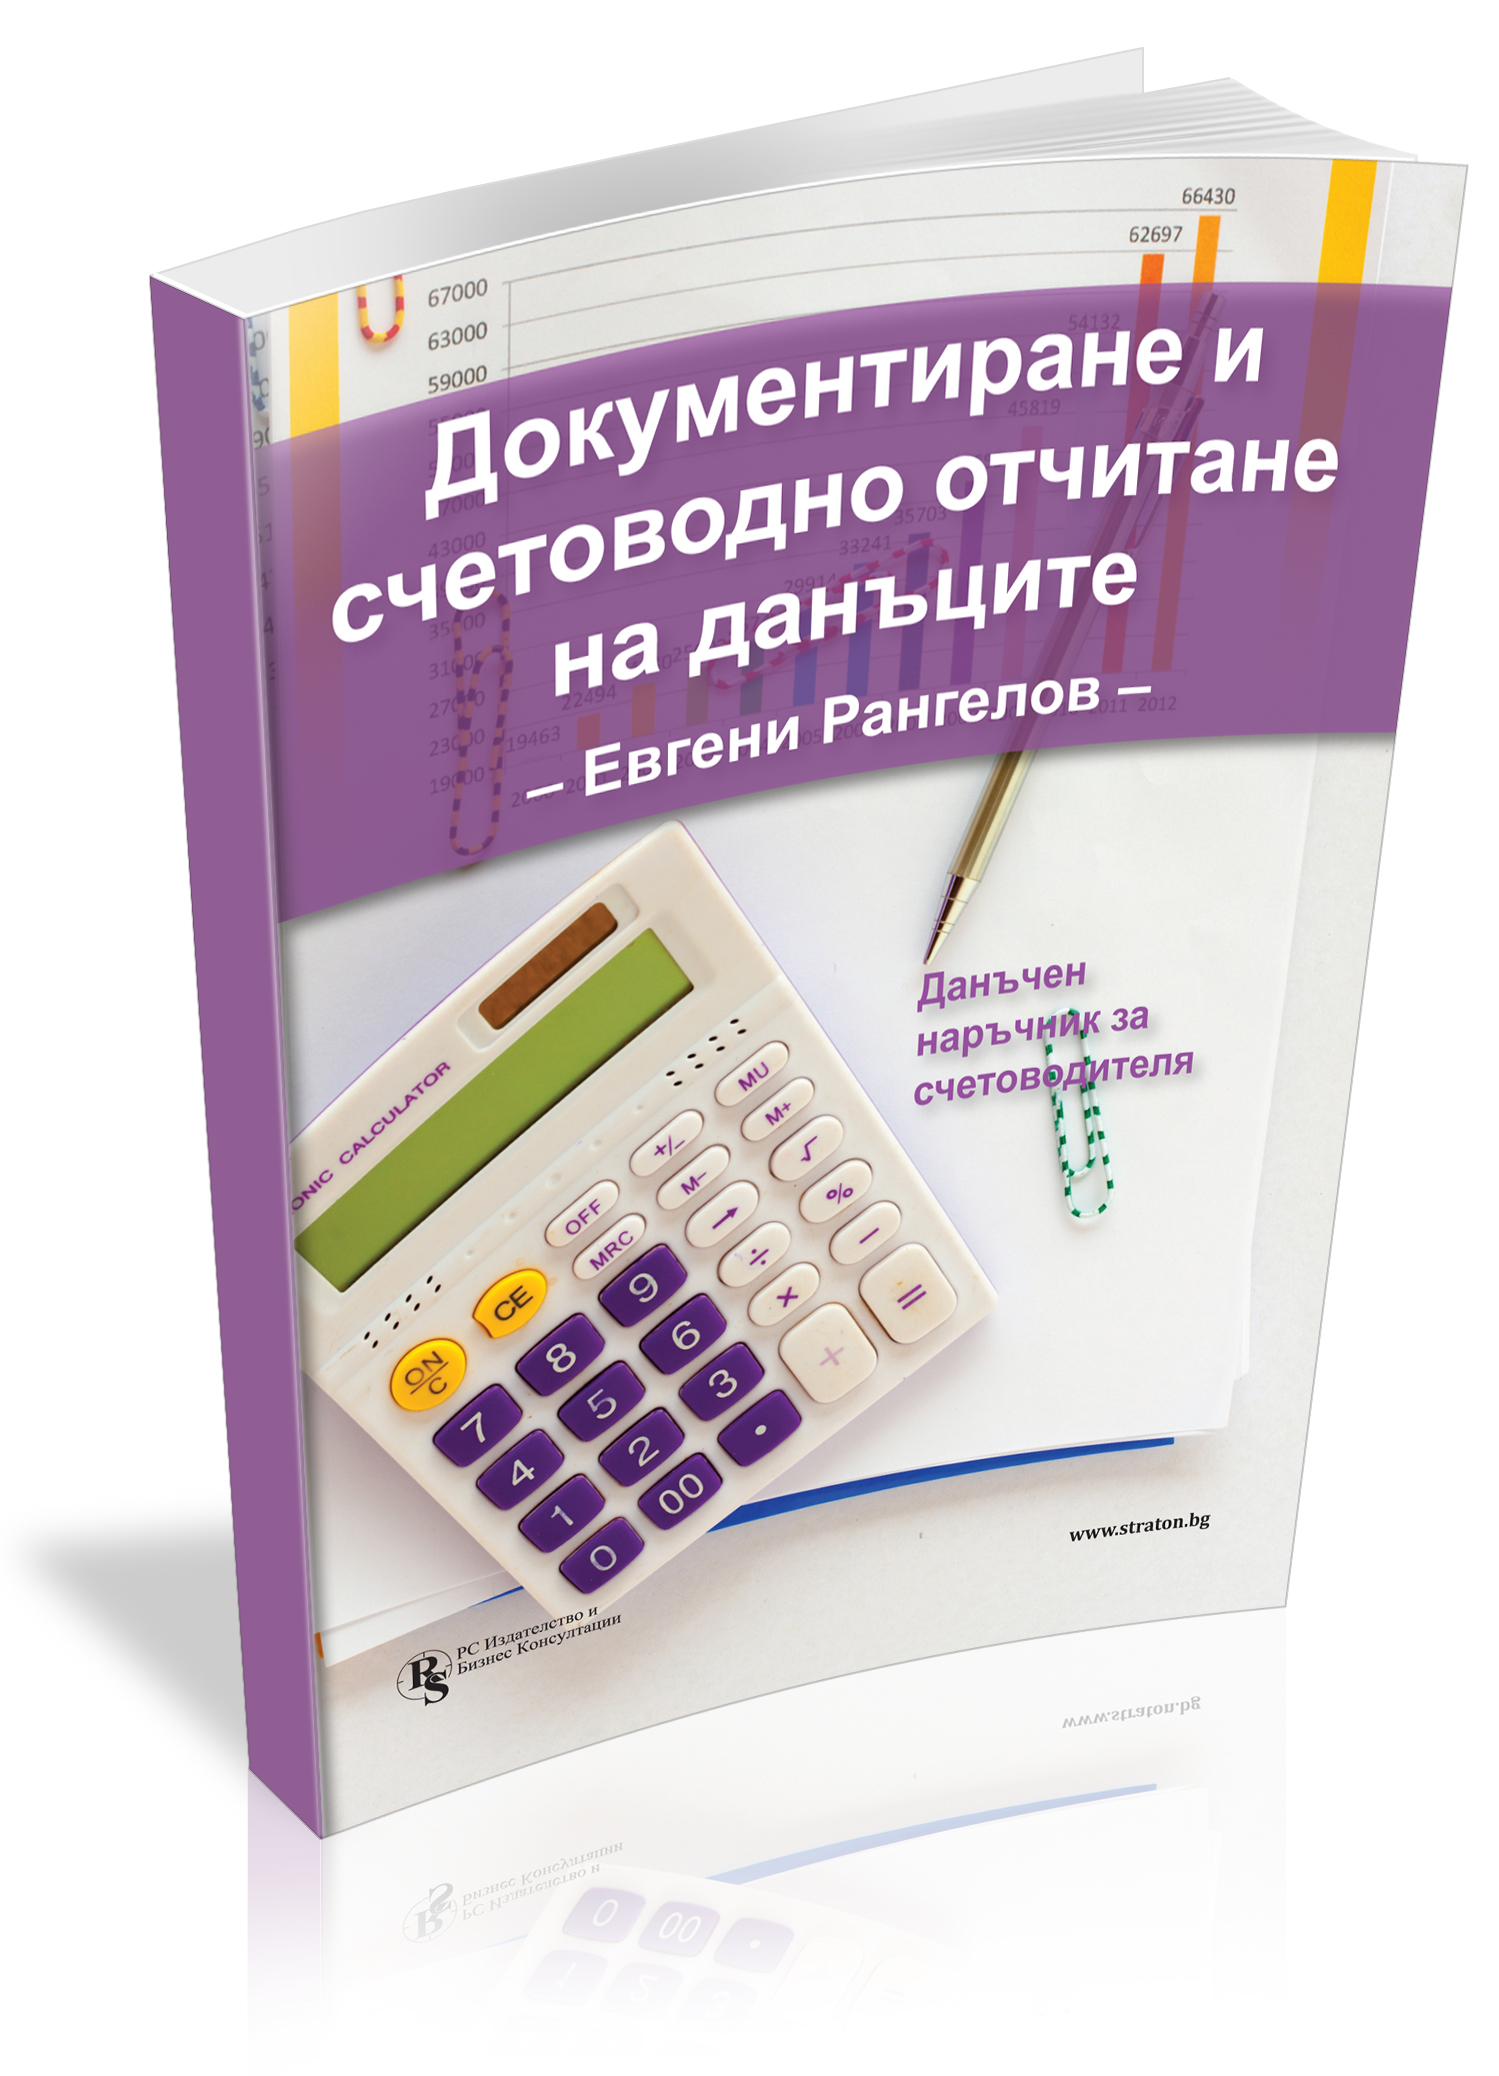 Документиране и счетоводно отчитане на данъците: данъчен наръчник за счетоводителя